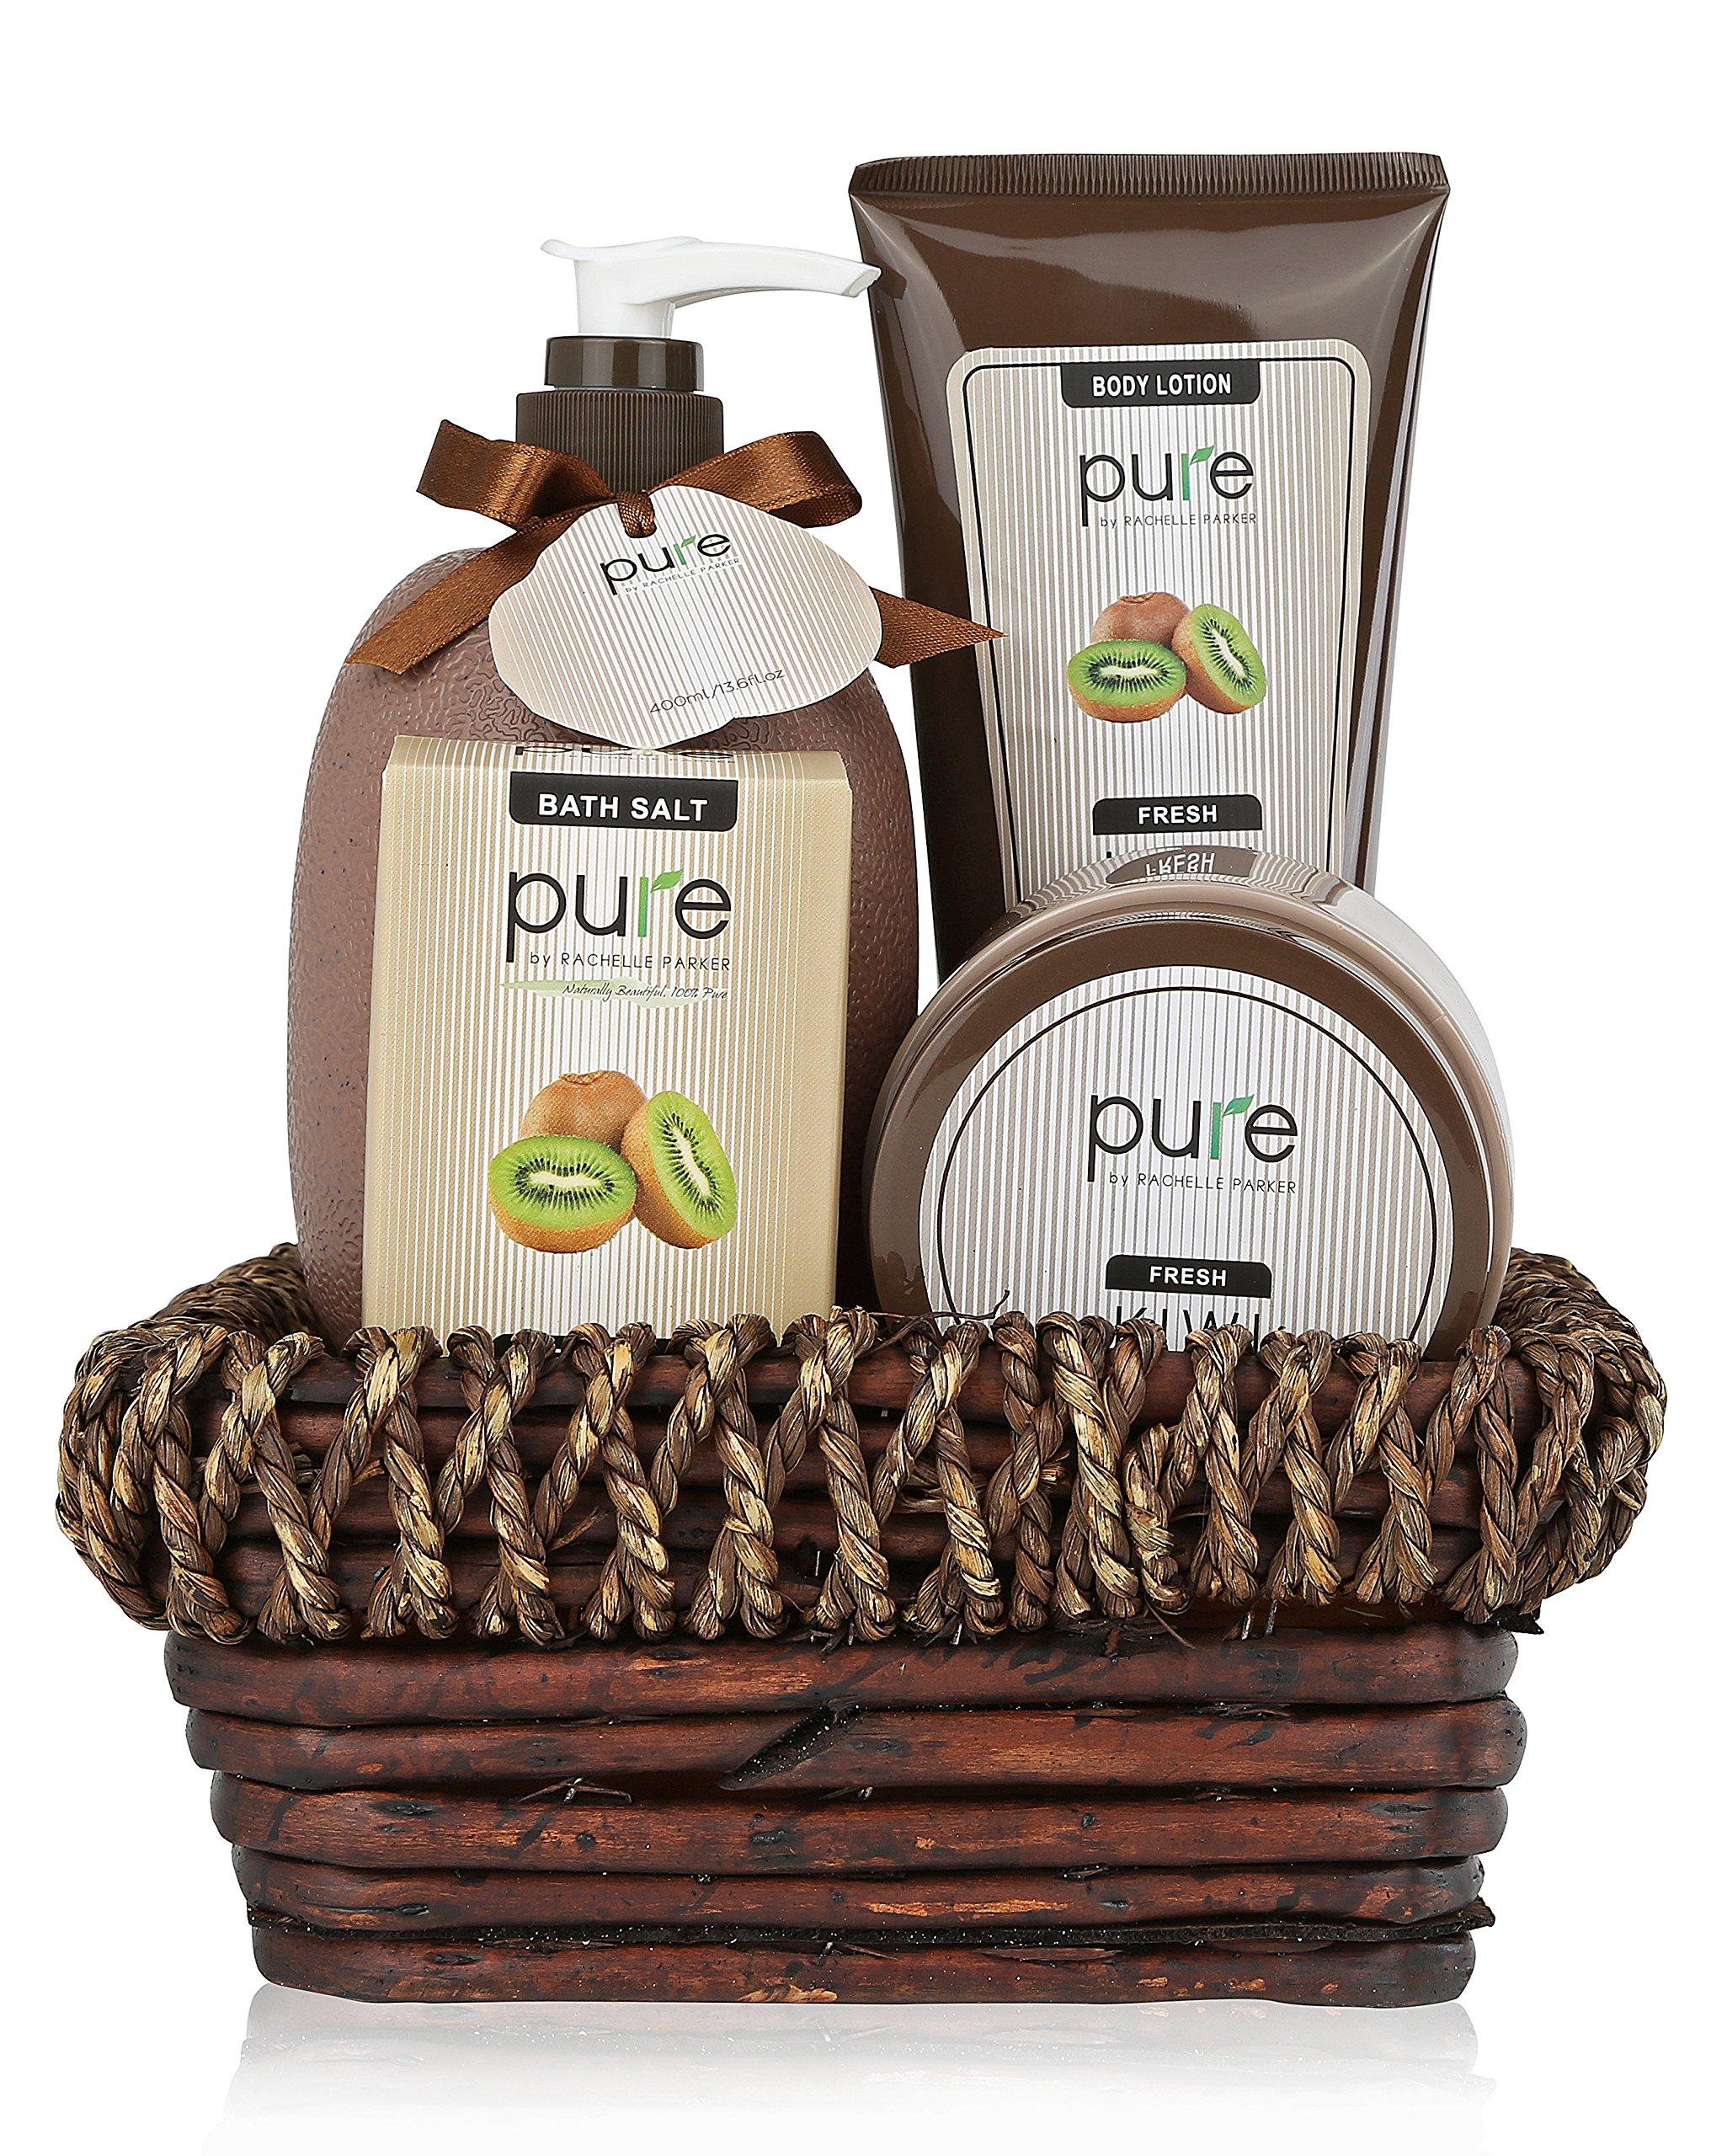 Amazon.com : Pure! Rachelle Parker Luxury Spa Set- Lush